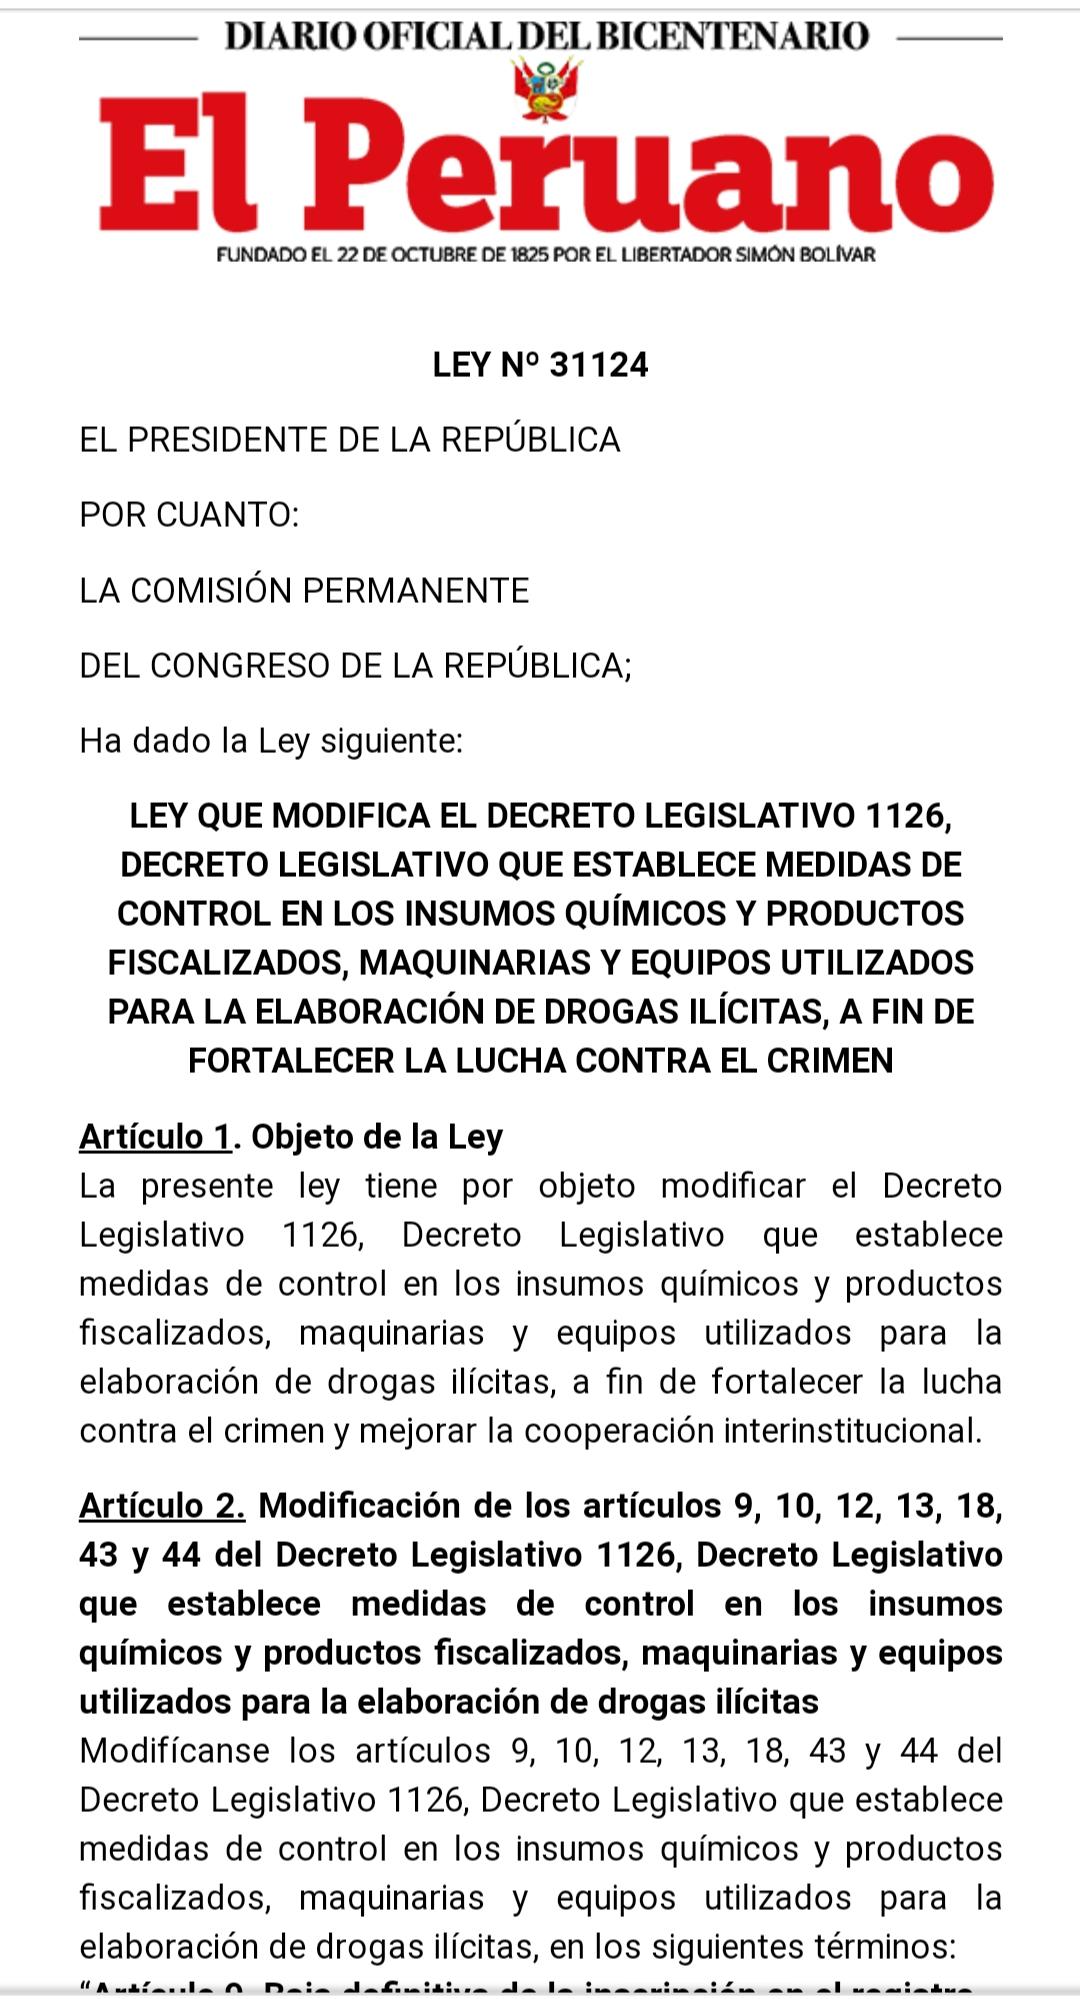 Ley que modifica el Decreto Legislativo 1126 Decreto Legislativo que establece medidas de control en los insumos químicos y productos fiscalizados maquinarias y equipos utilizados para la elaboración de drogas ilícitas a fin de fortalecer la lucha contra el crimen